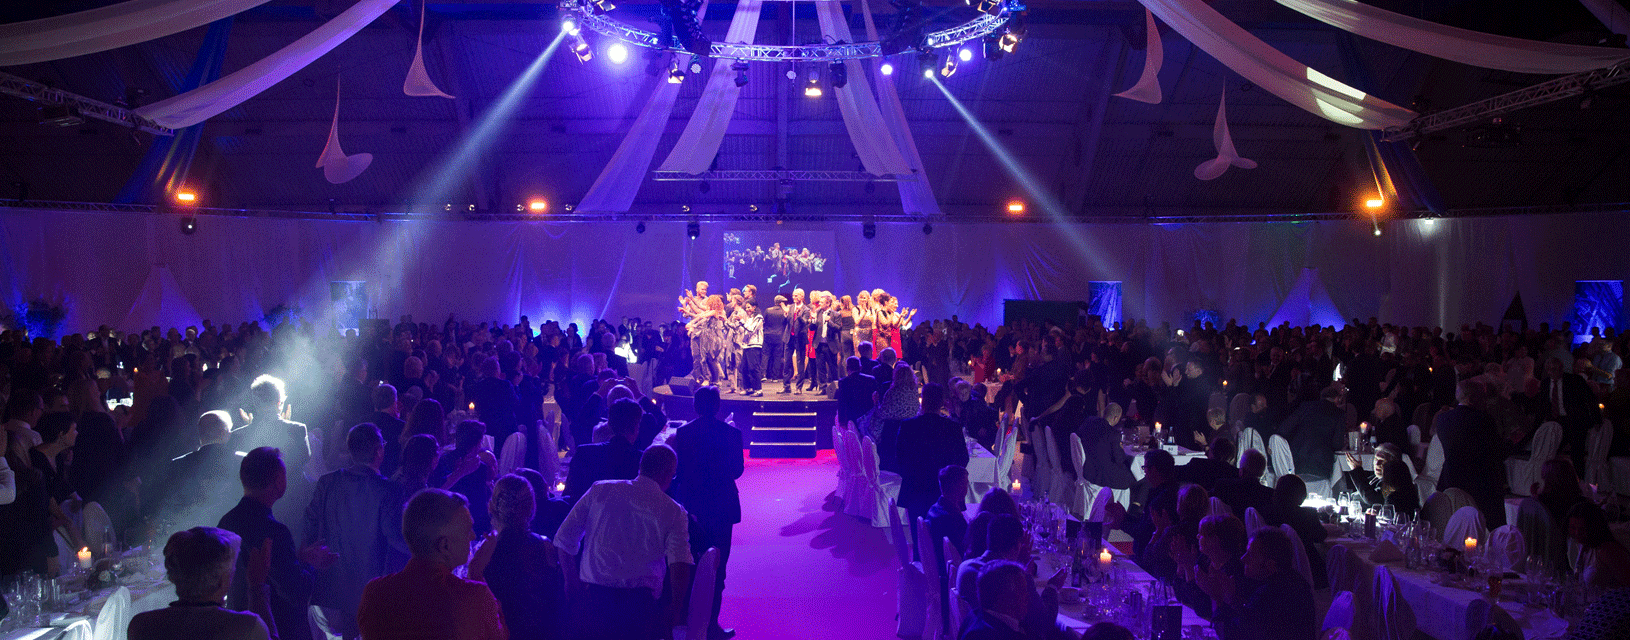 event-agentur-mannheim-event